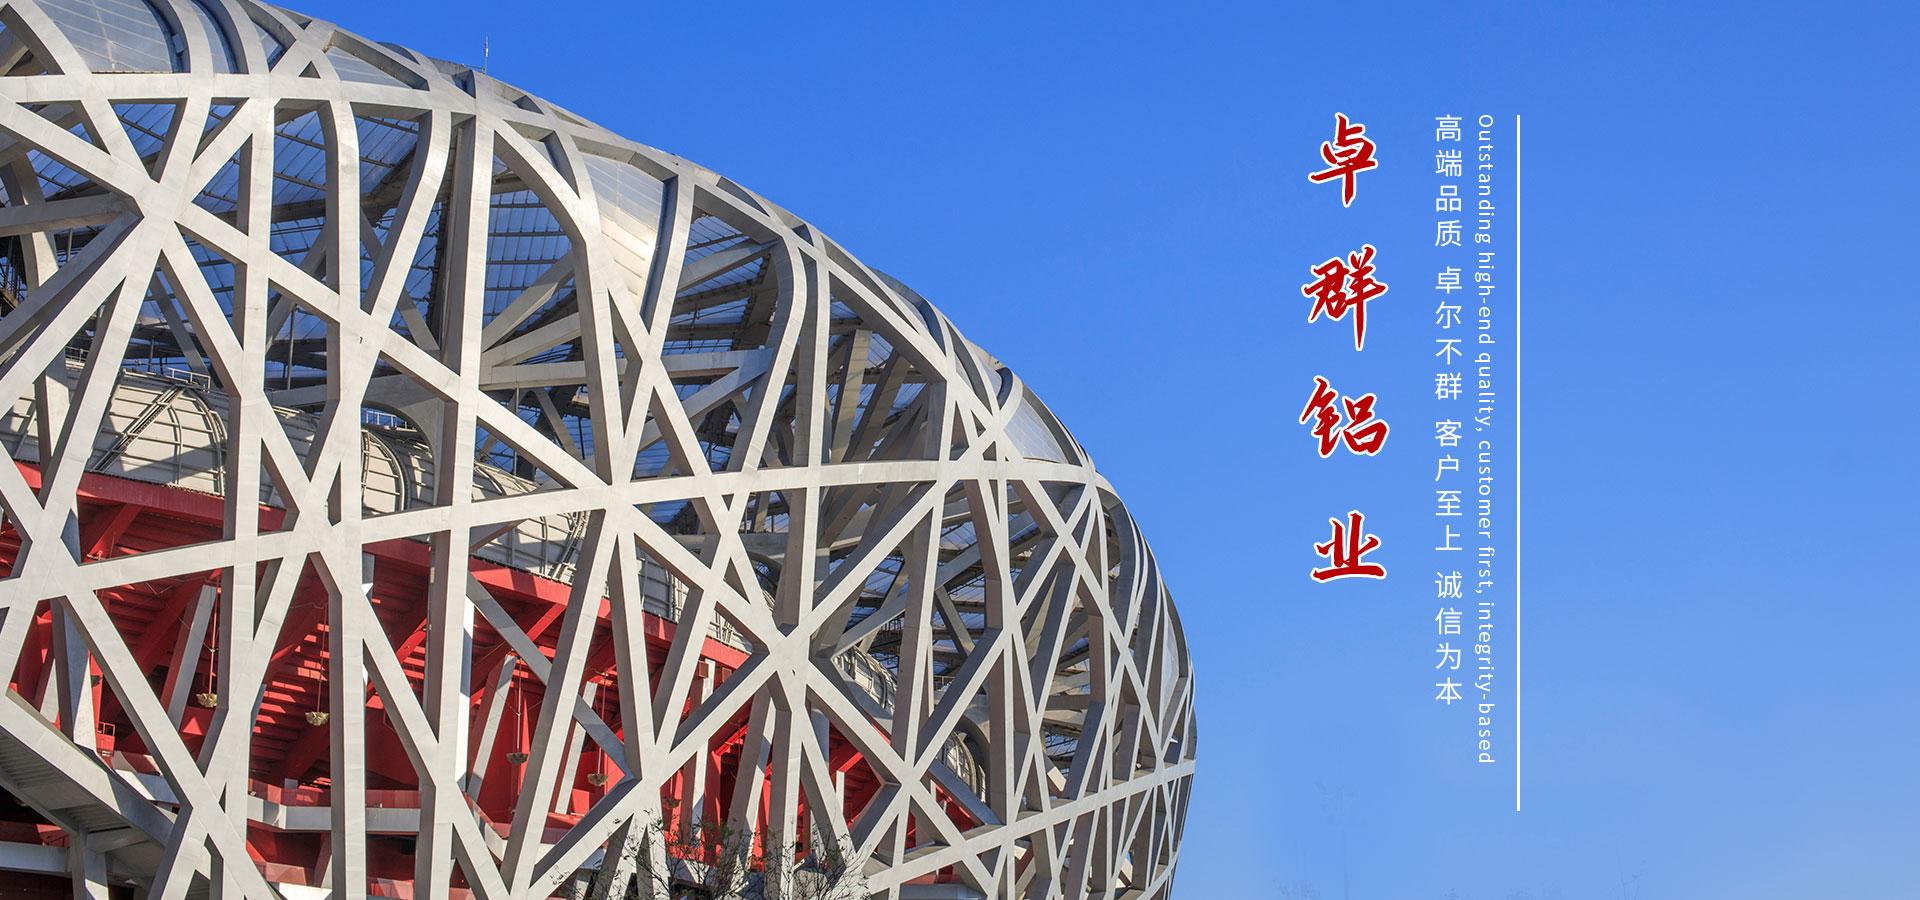 断桥铝型材门窗,铝型材生产厂家,铝合金型材厂家